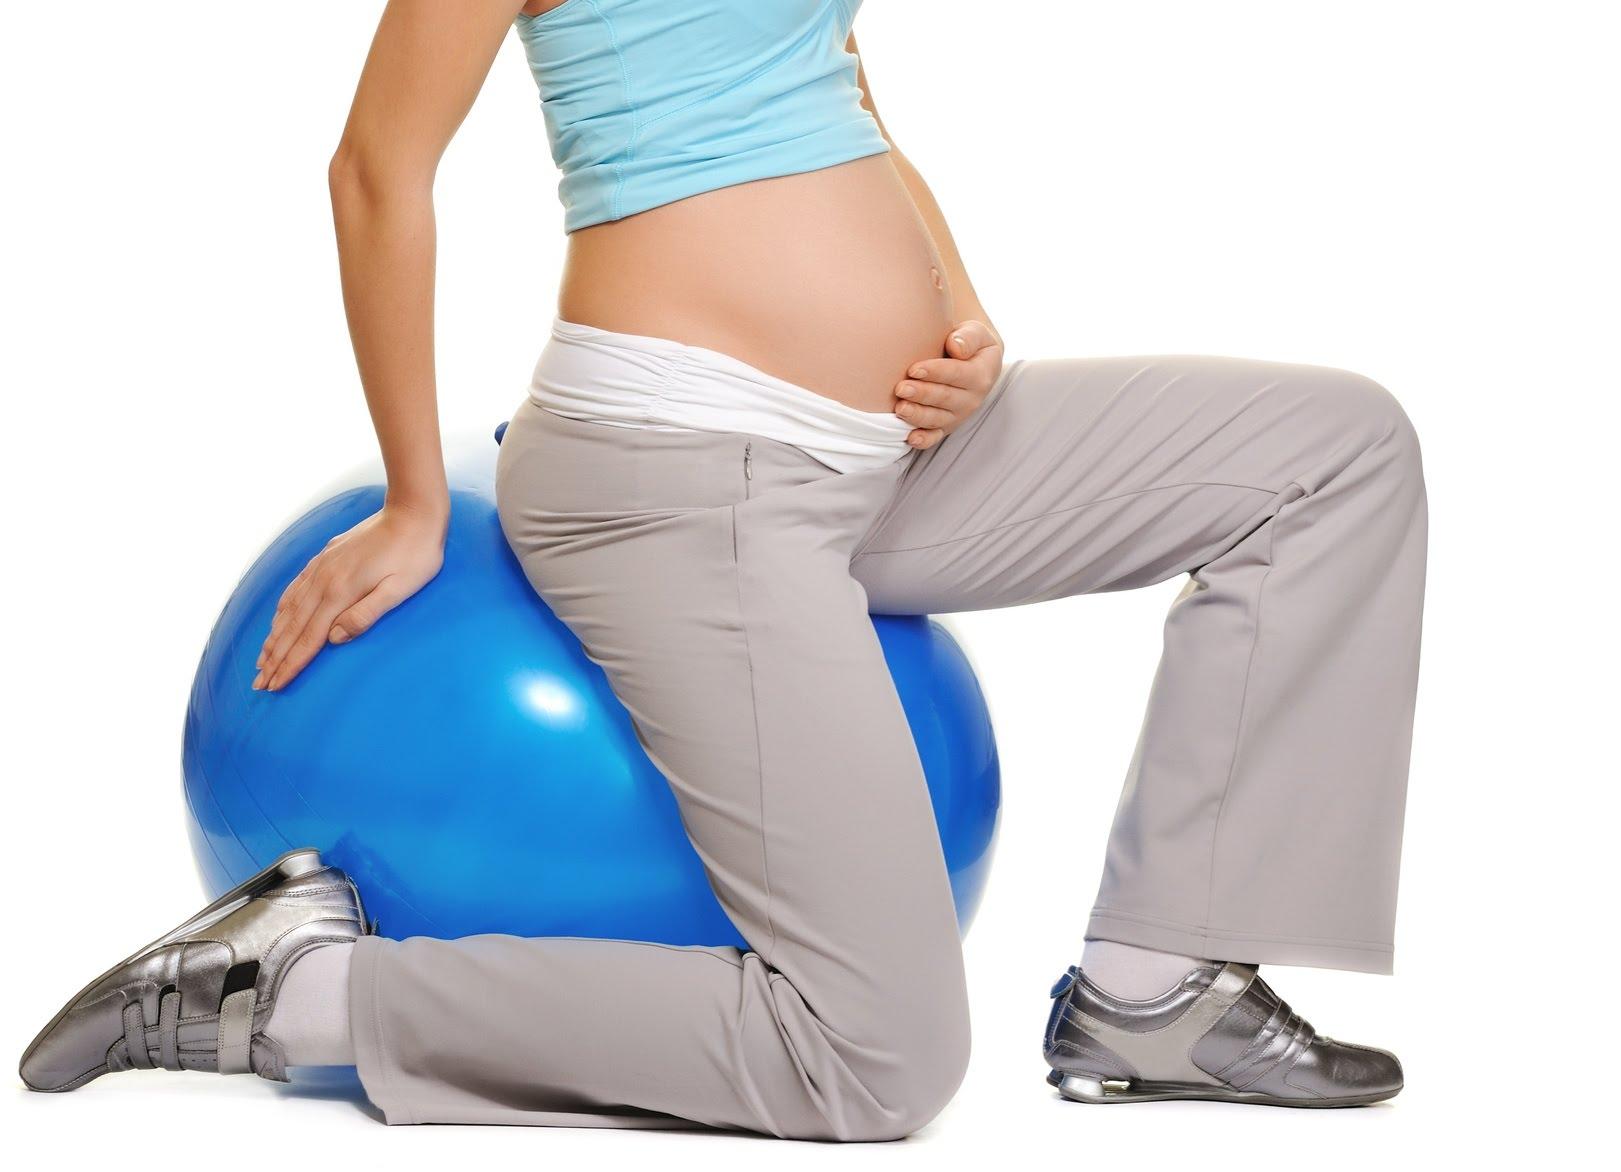 Хурма при беременности во втором триместре